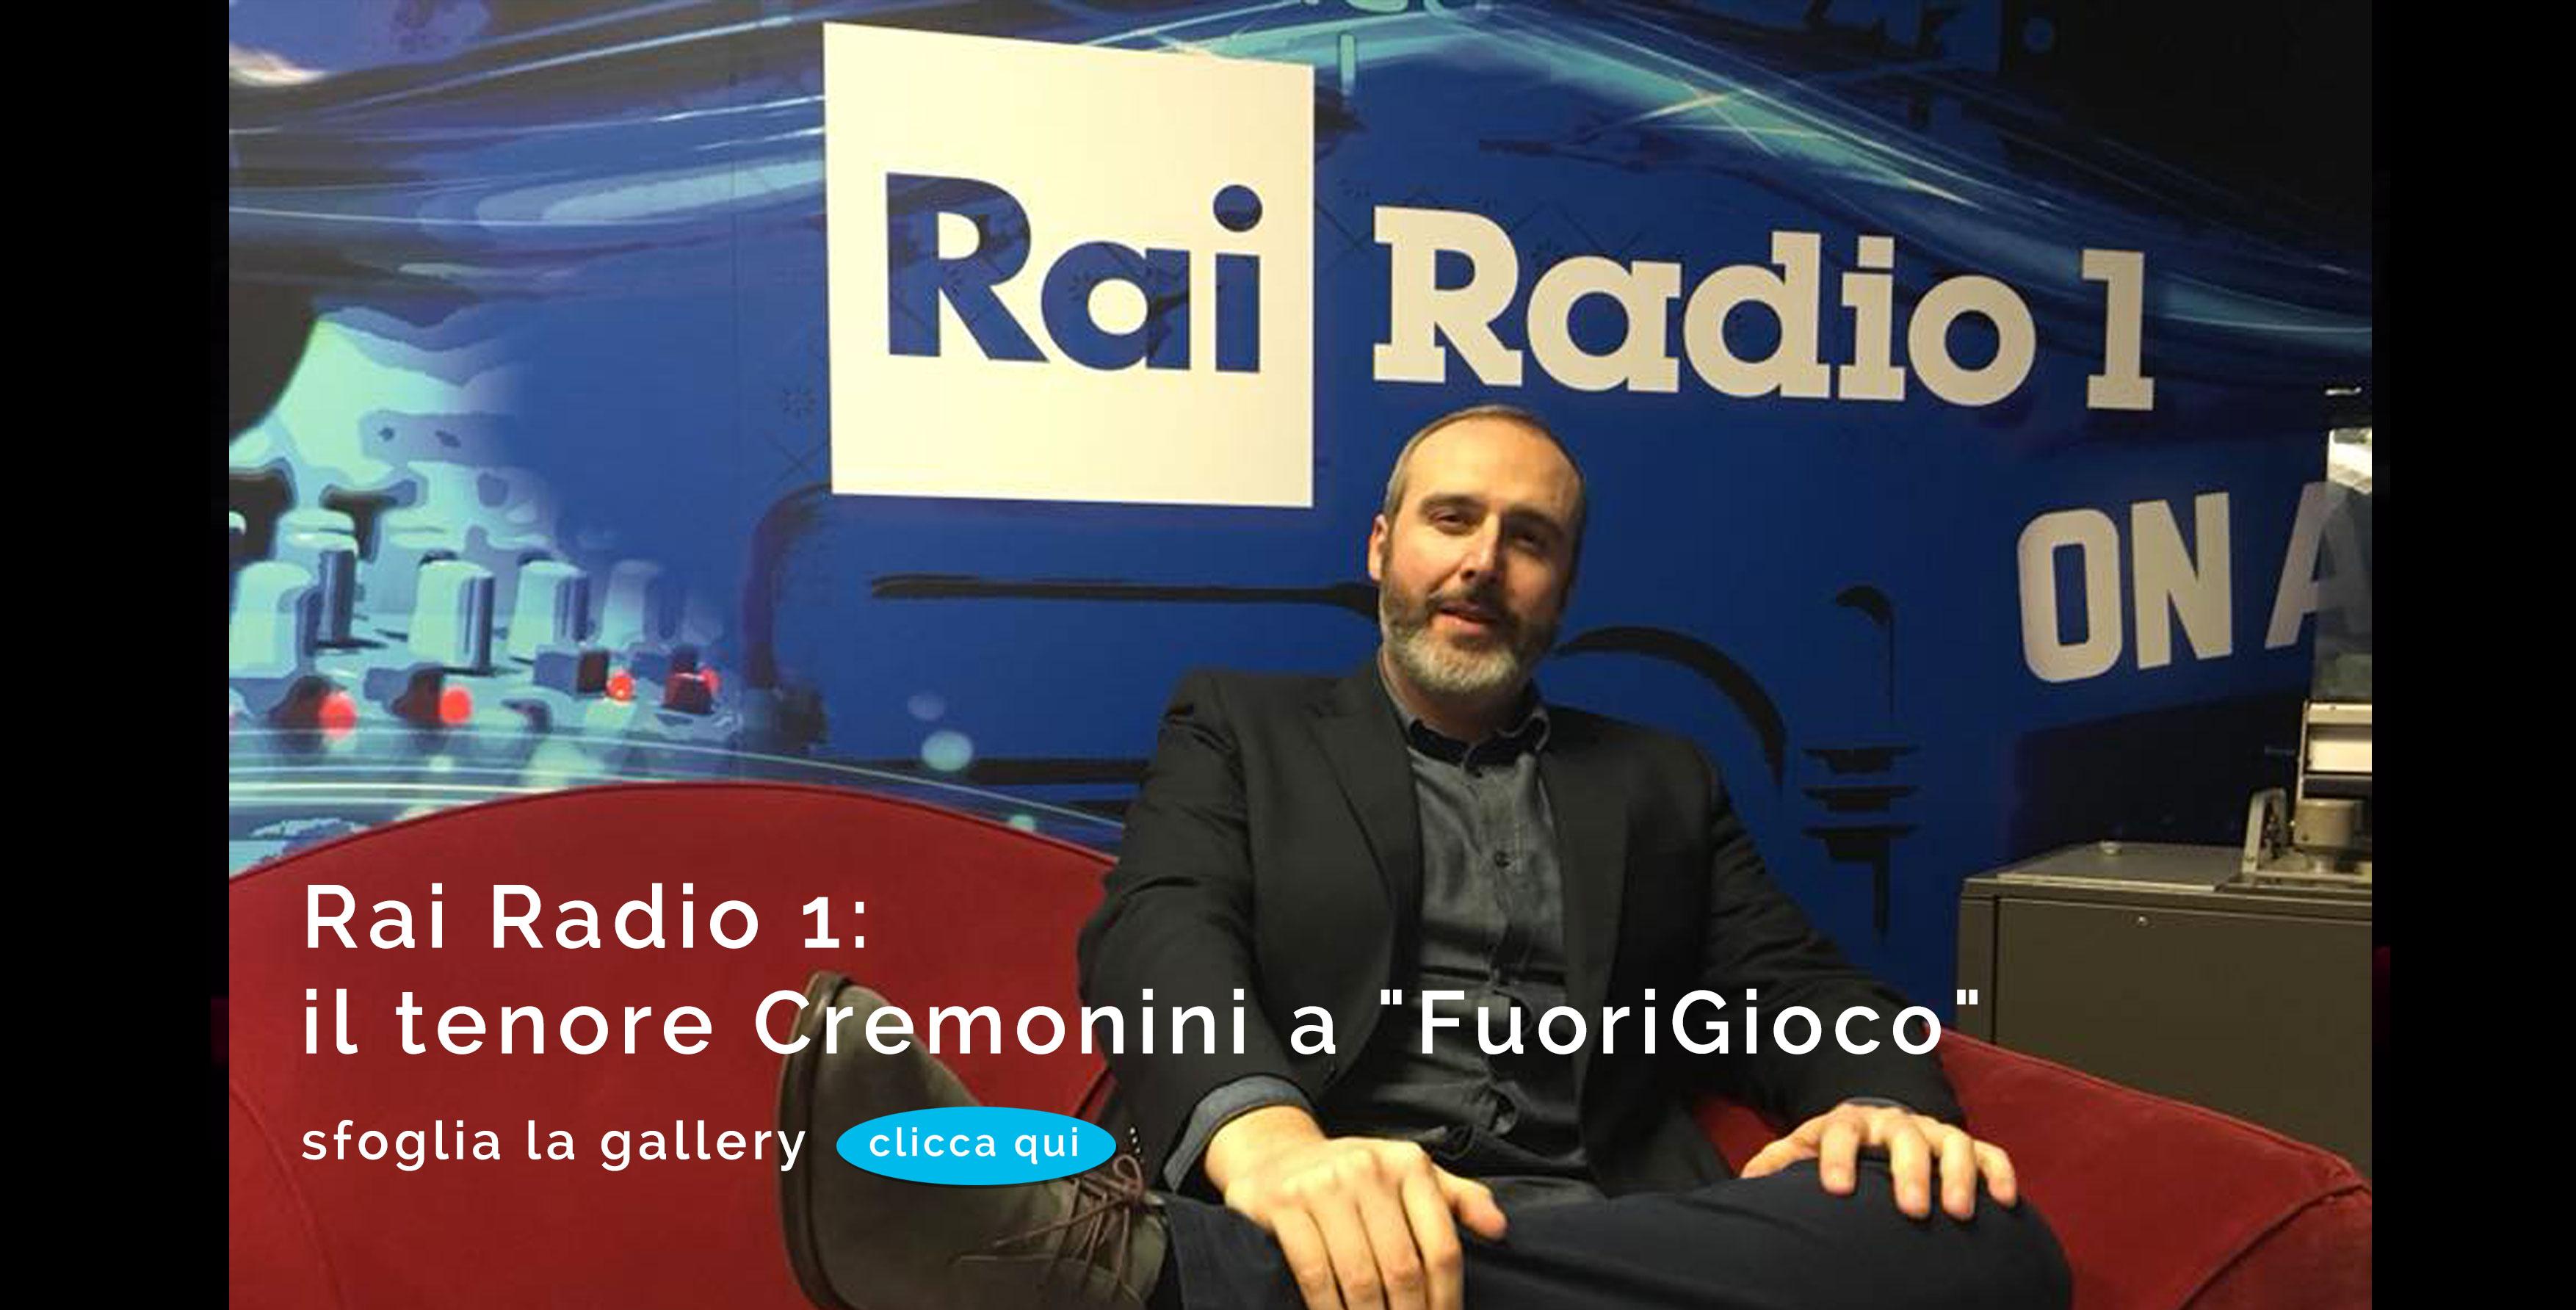 Cremonini_Fuori-Gioco-RaiRadio1_slide